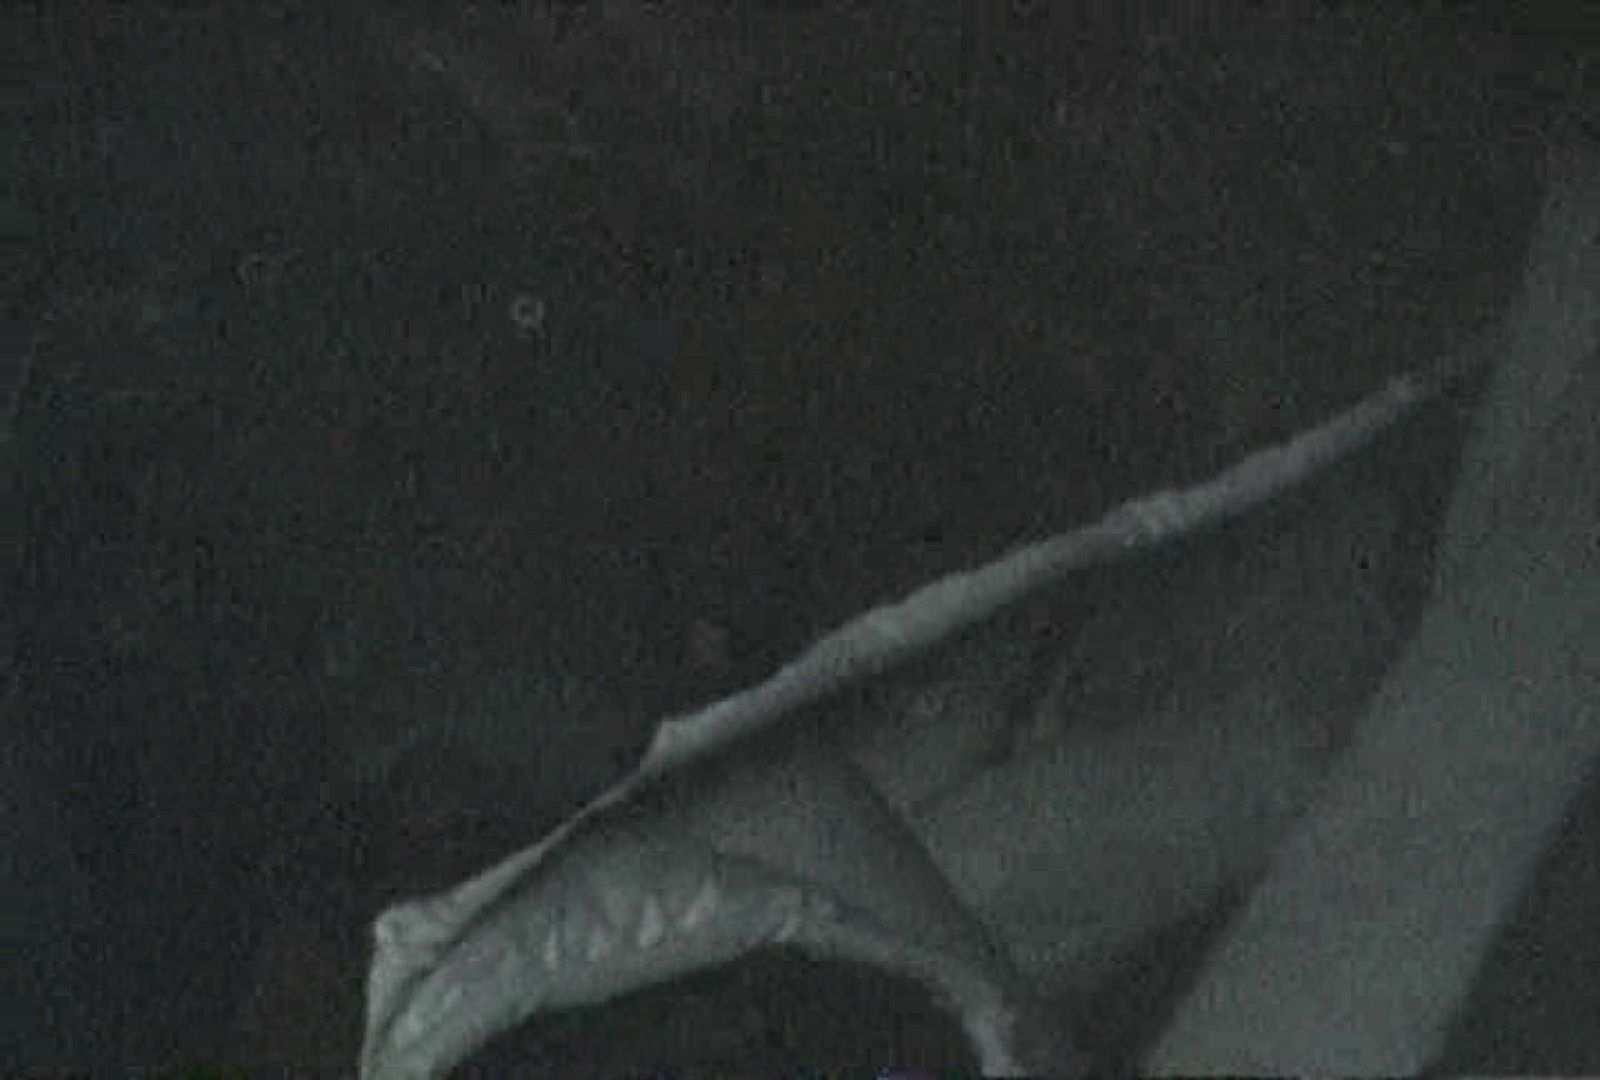 充血監督の深夜の運動会Vol.88 熟女 スケベ動画紹介 51画像 8